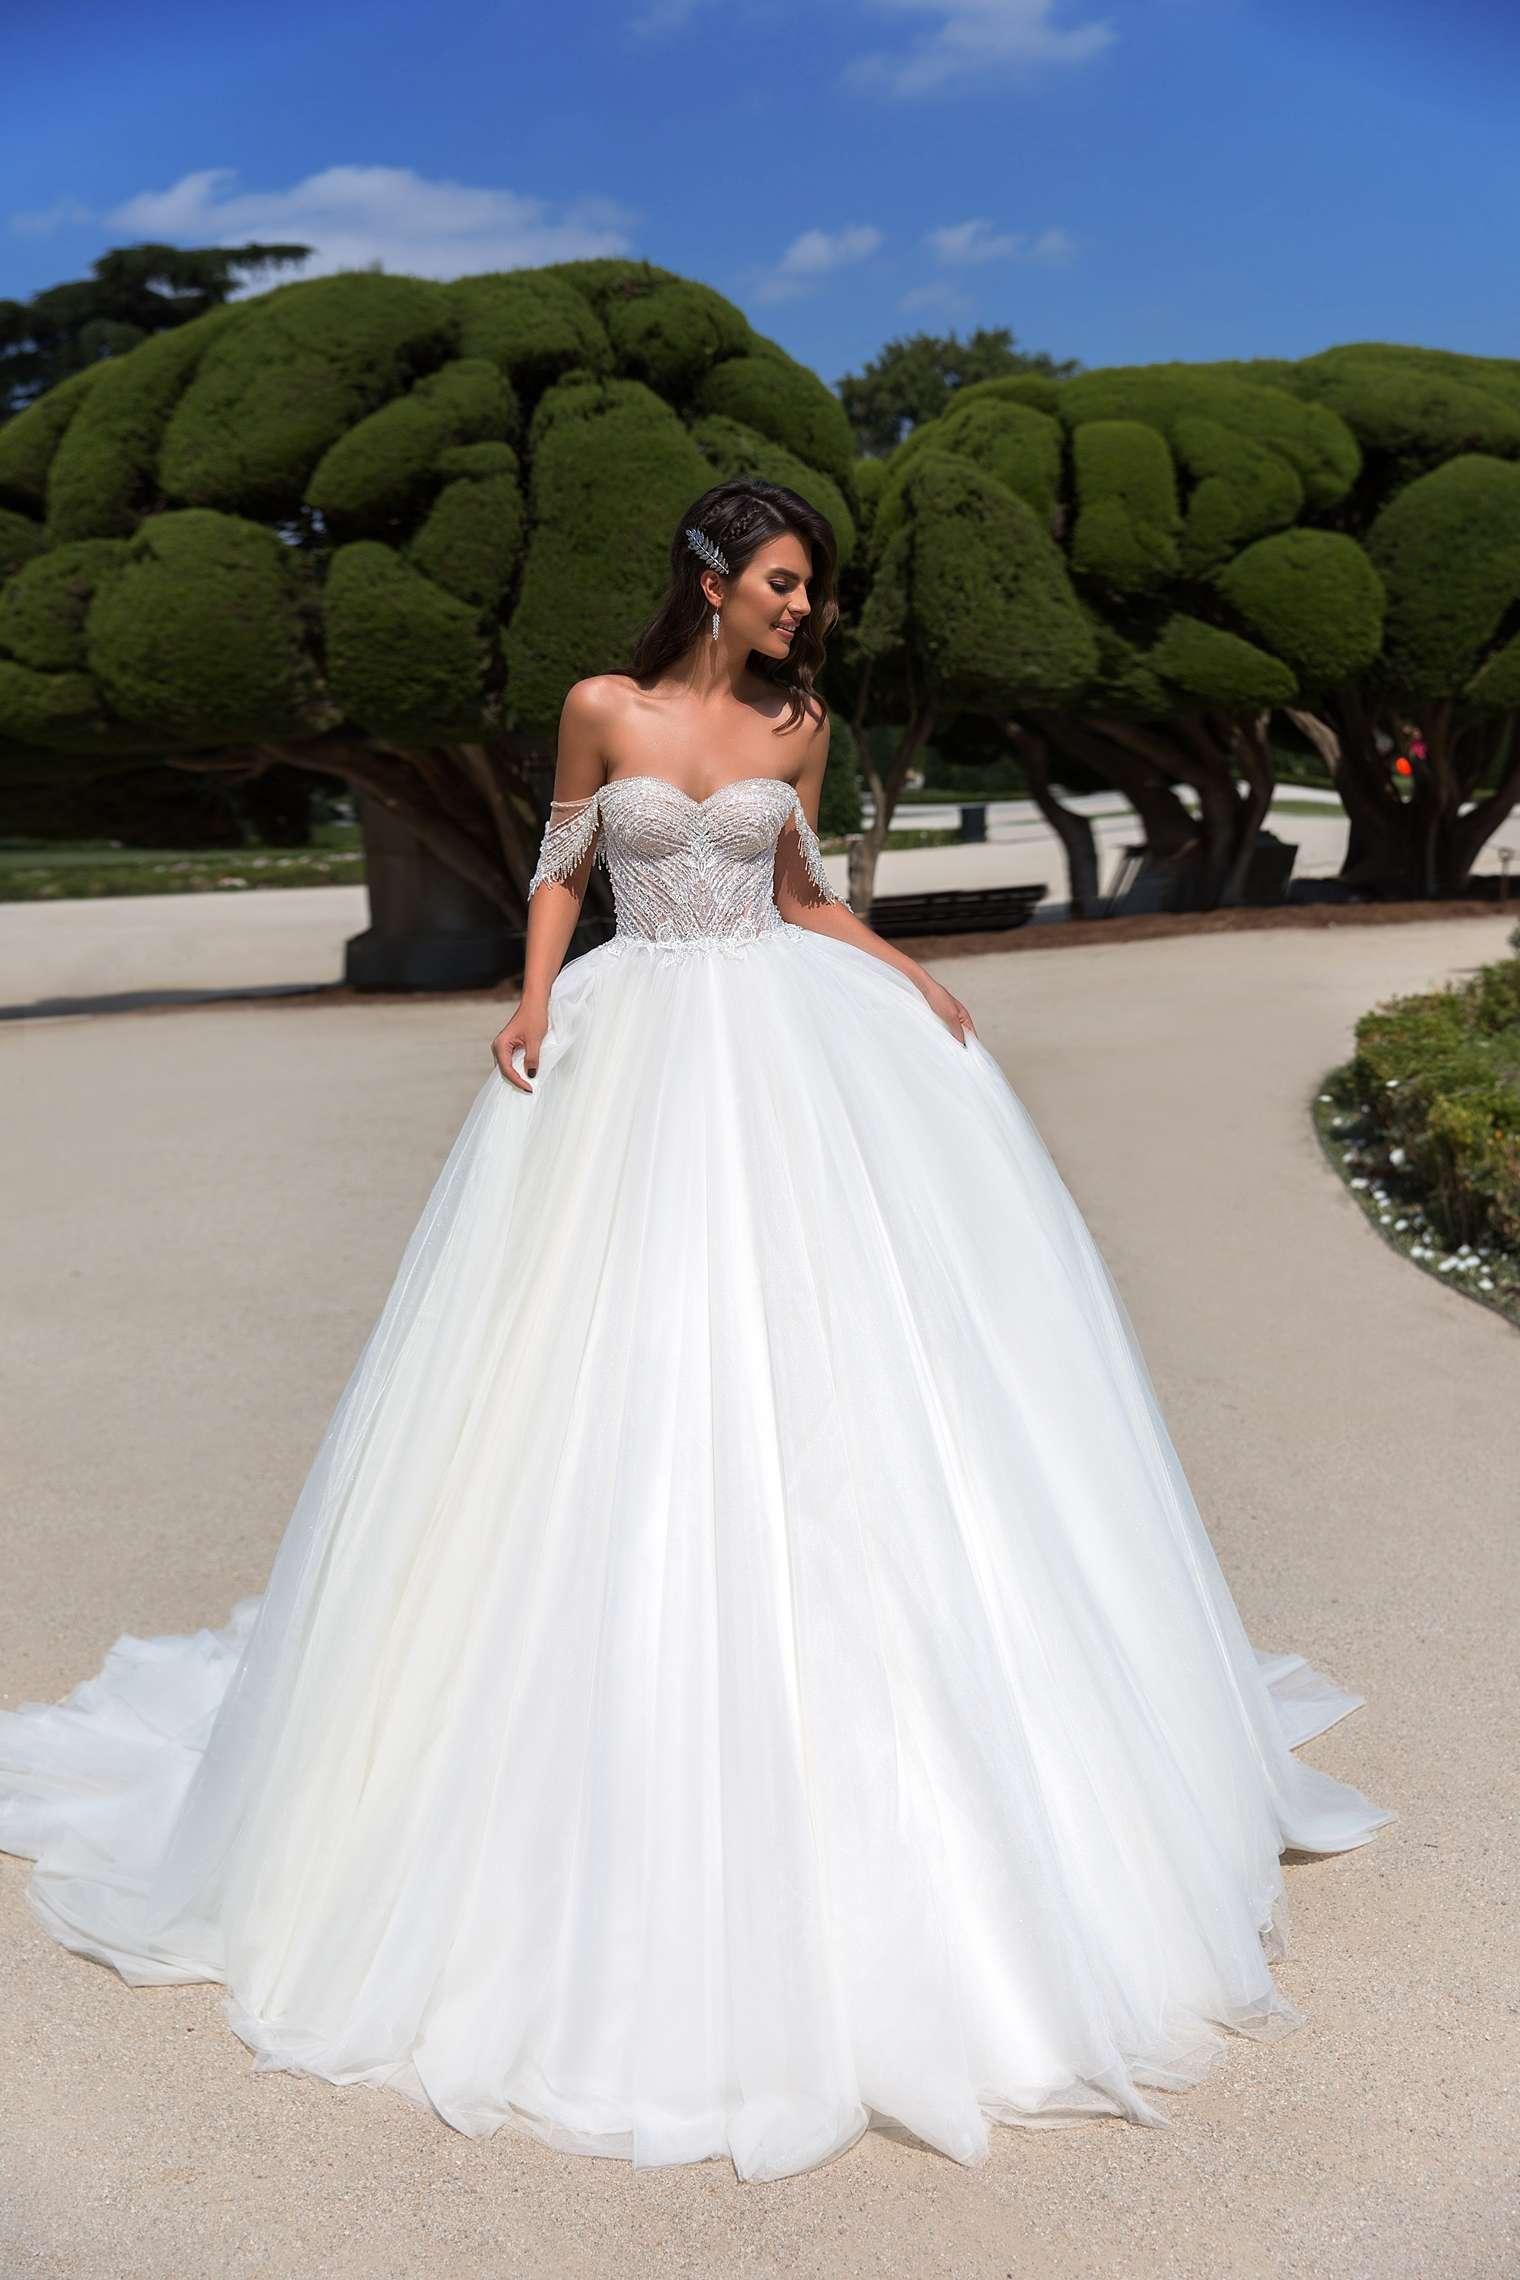 Свадебное платье «Принцесса» — выбор для будущих Королев